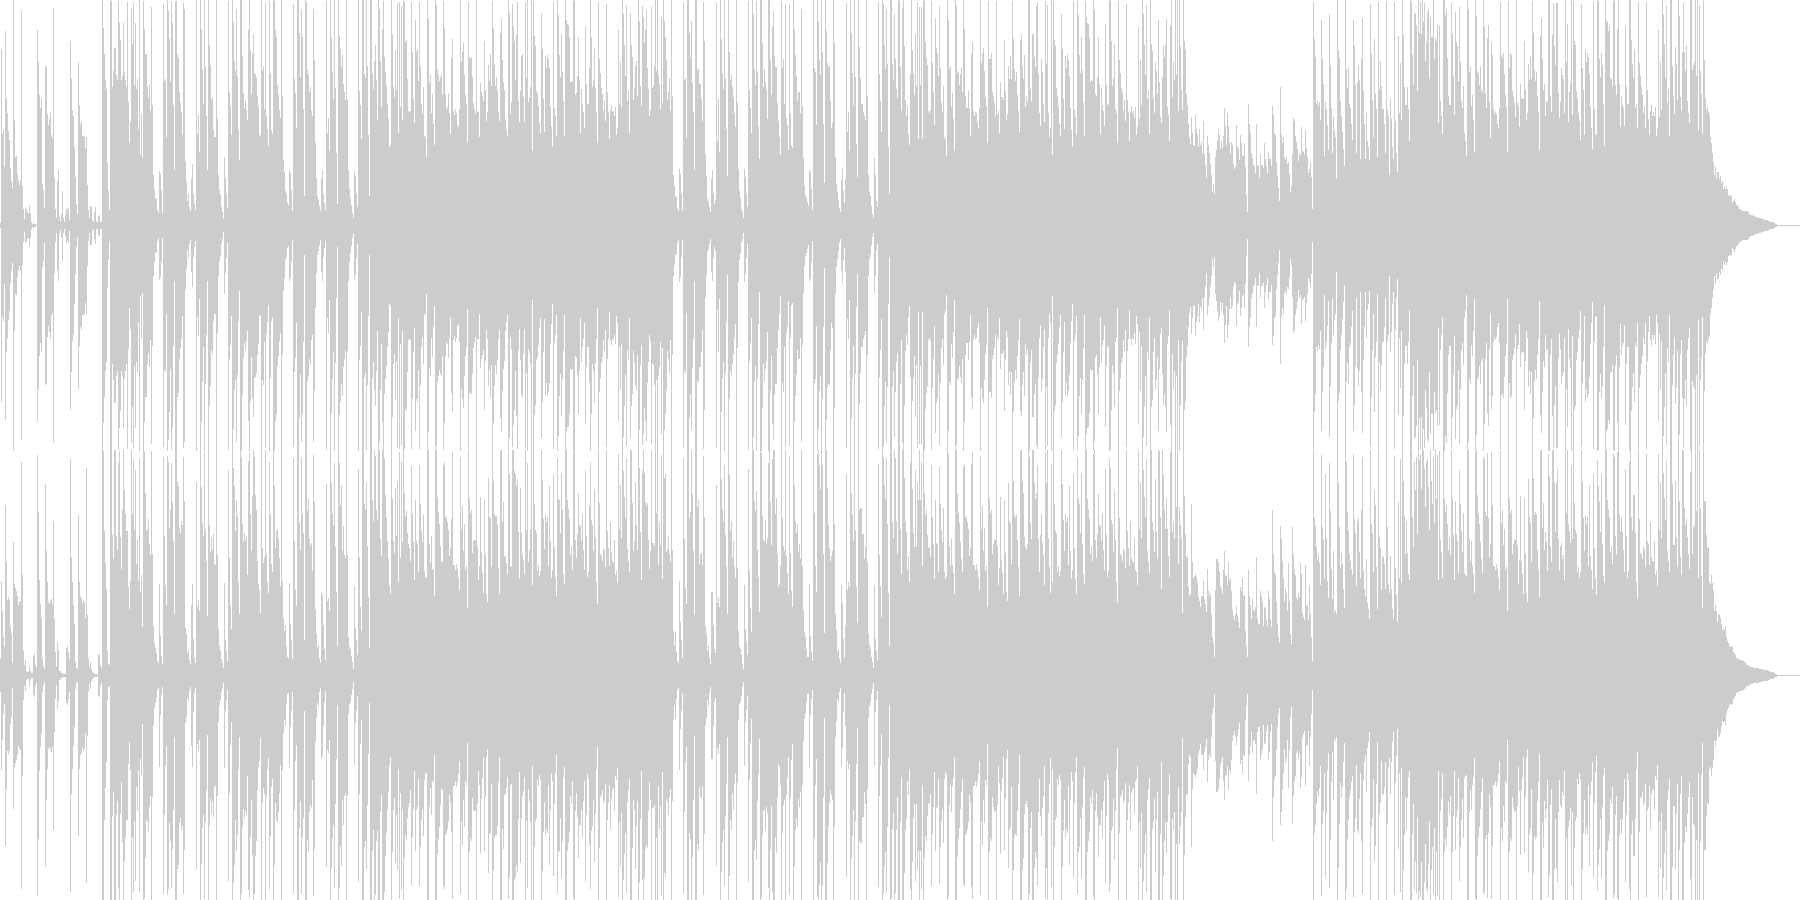 楽観的な感覚をもたらすポジティブな音楽の未再生の波形